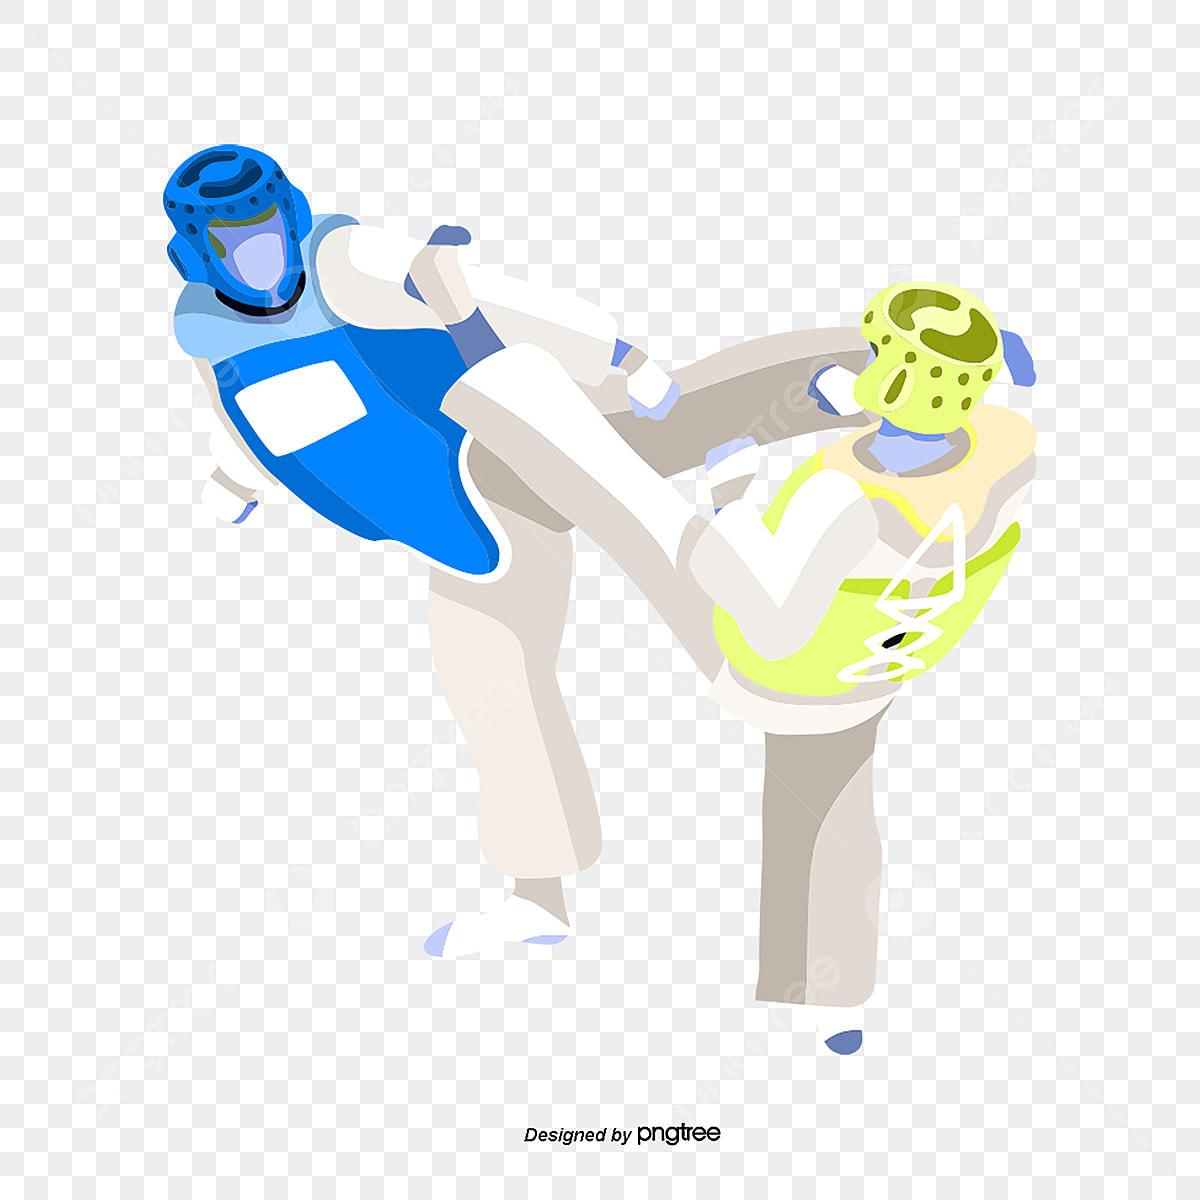 武術格闘イラスト 武術 格闘 運動画像素材の無料ダウンロードのためのpng